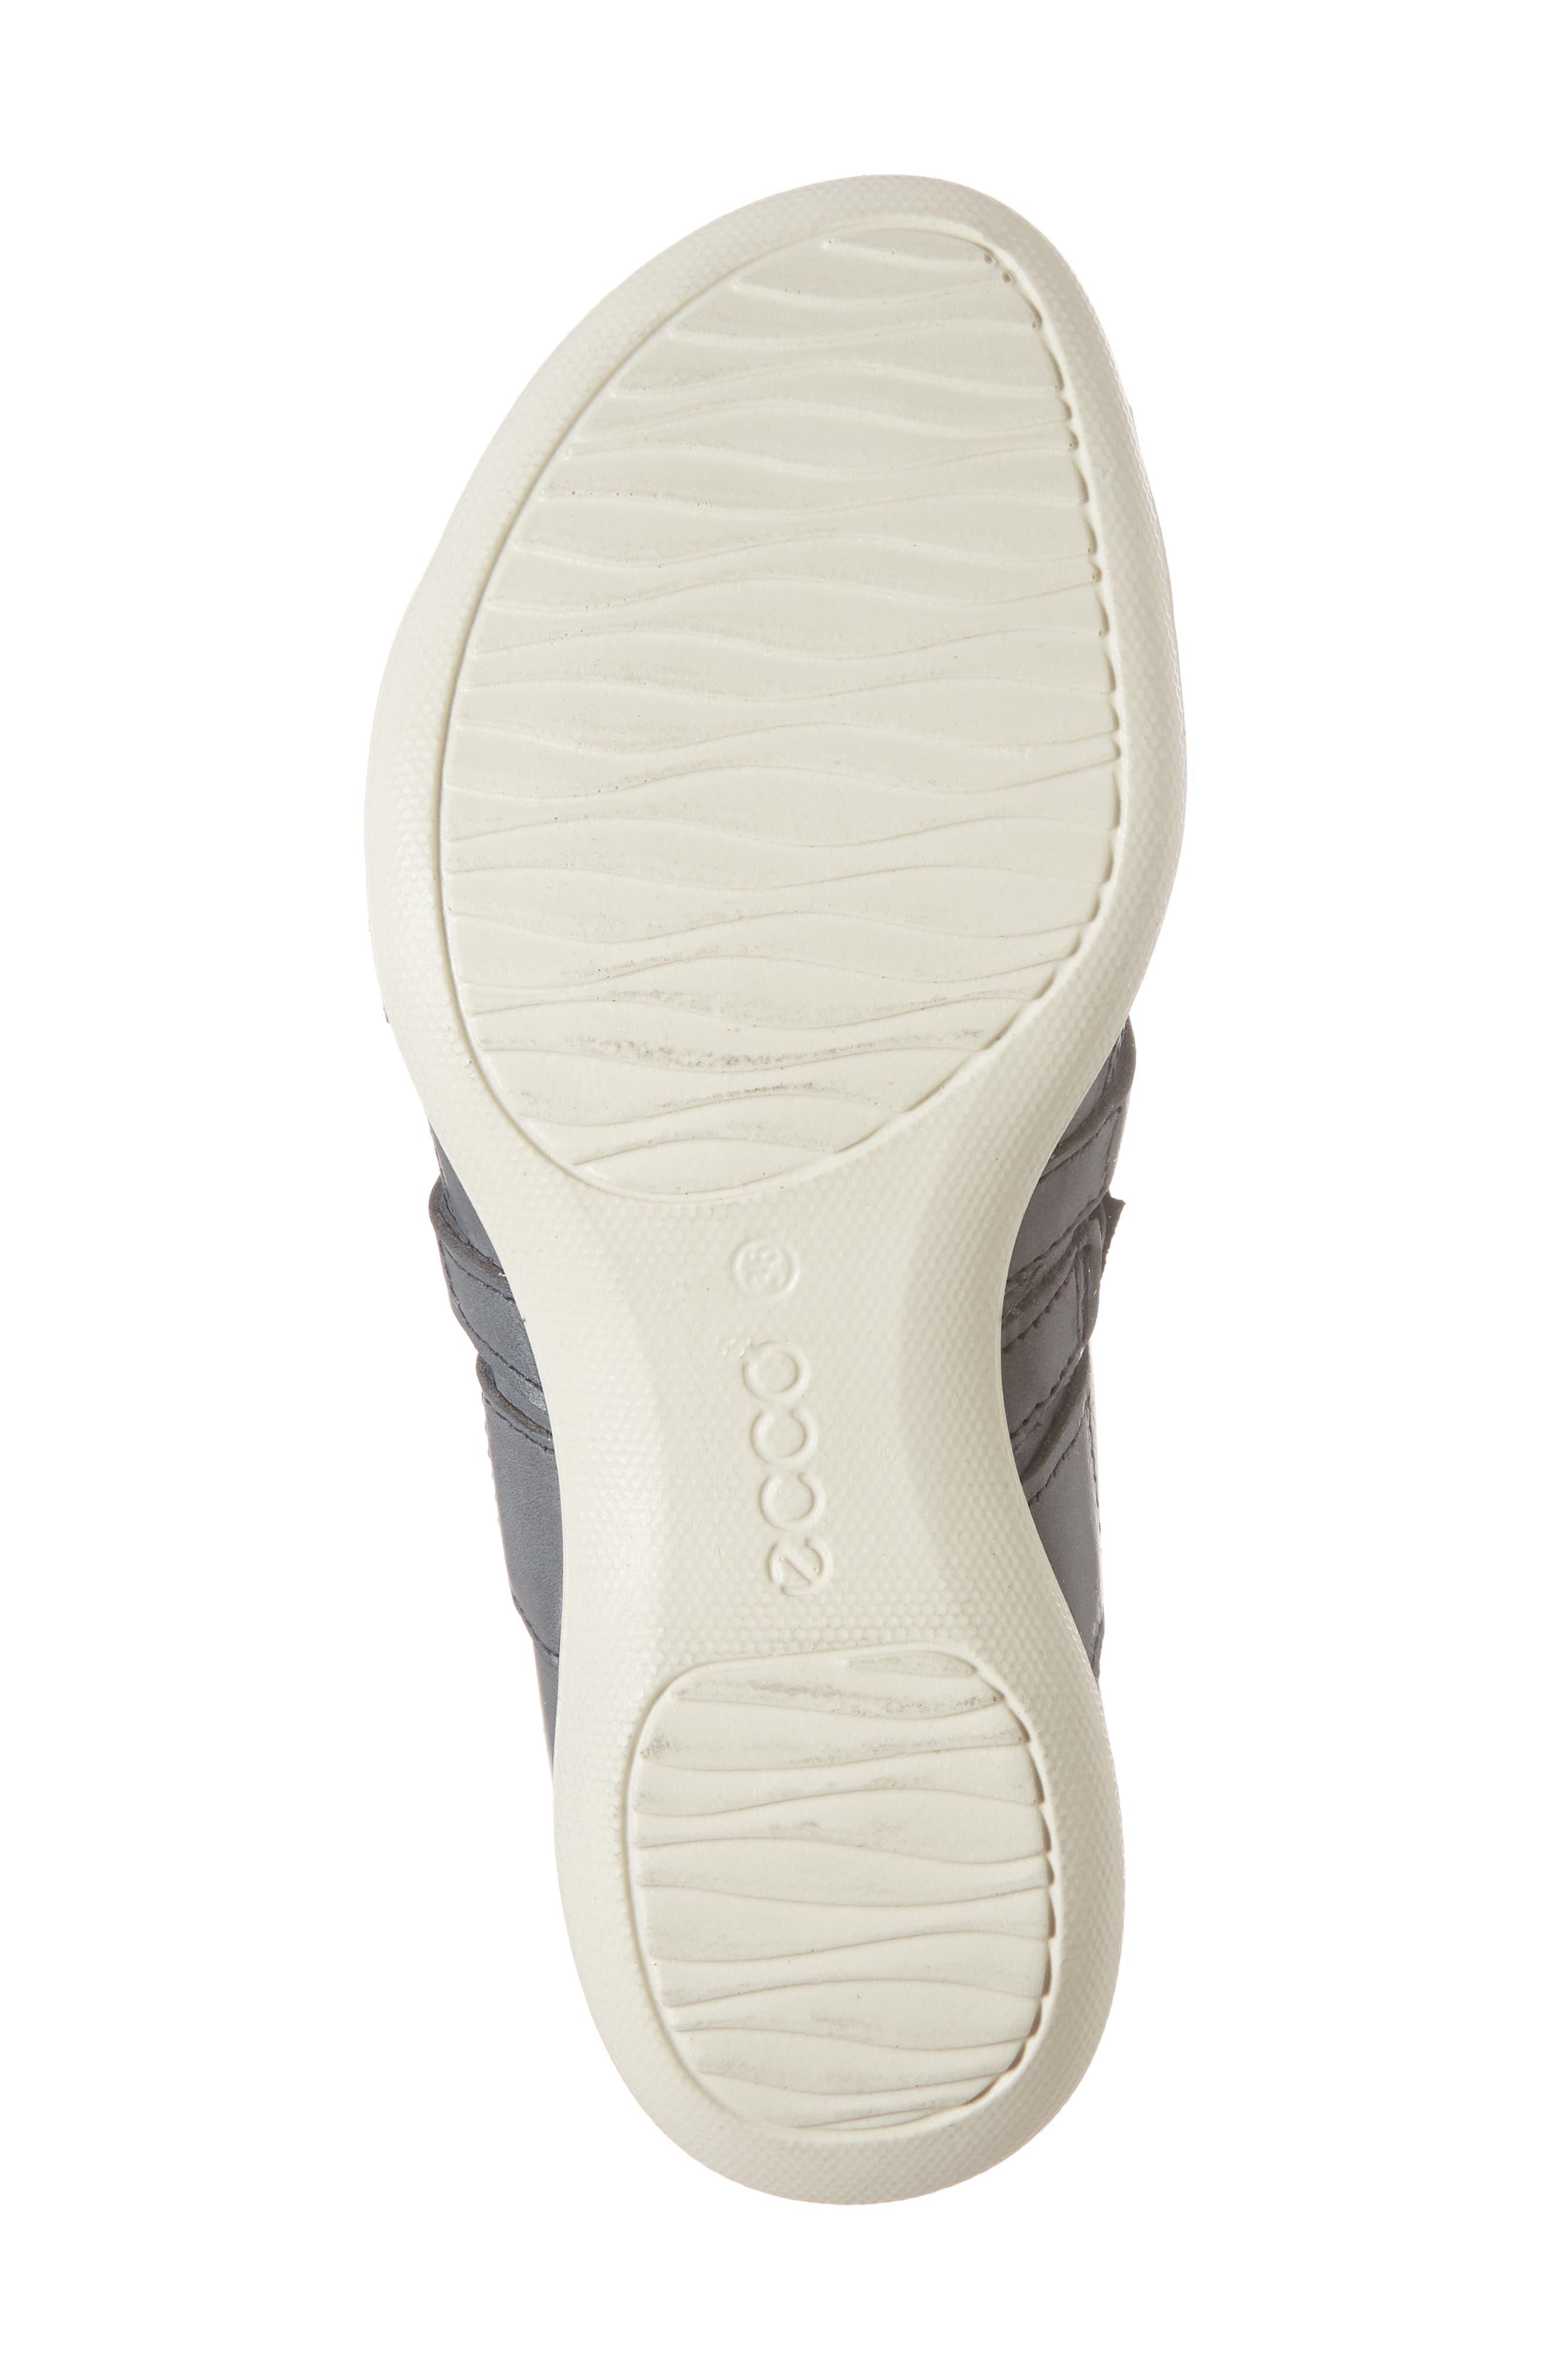 Flash Sandal,                             Alternate thumbnail 24, color,